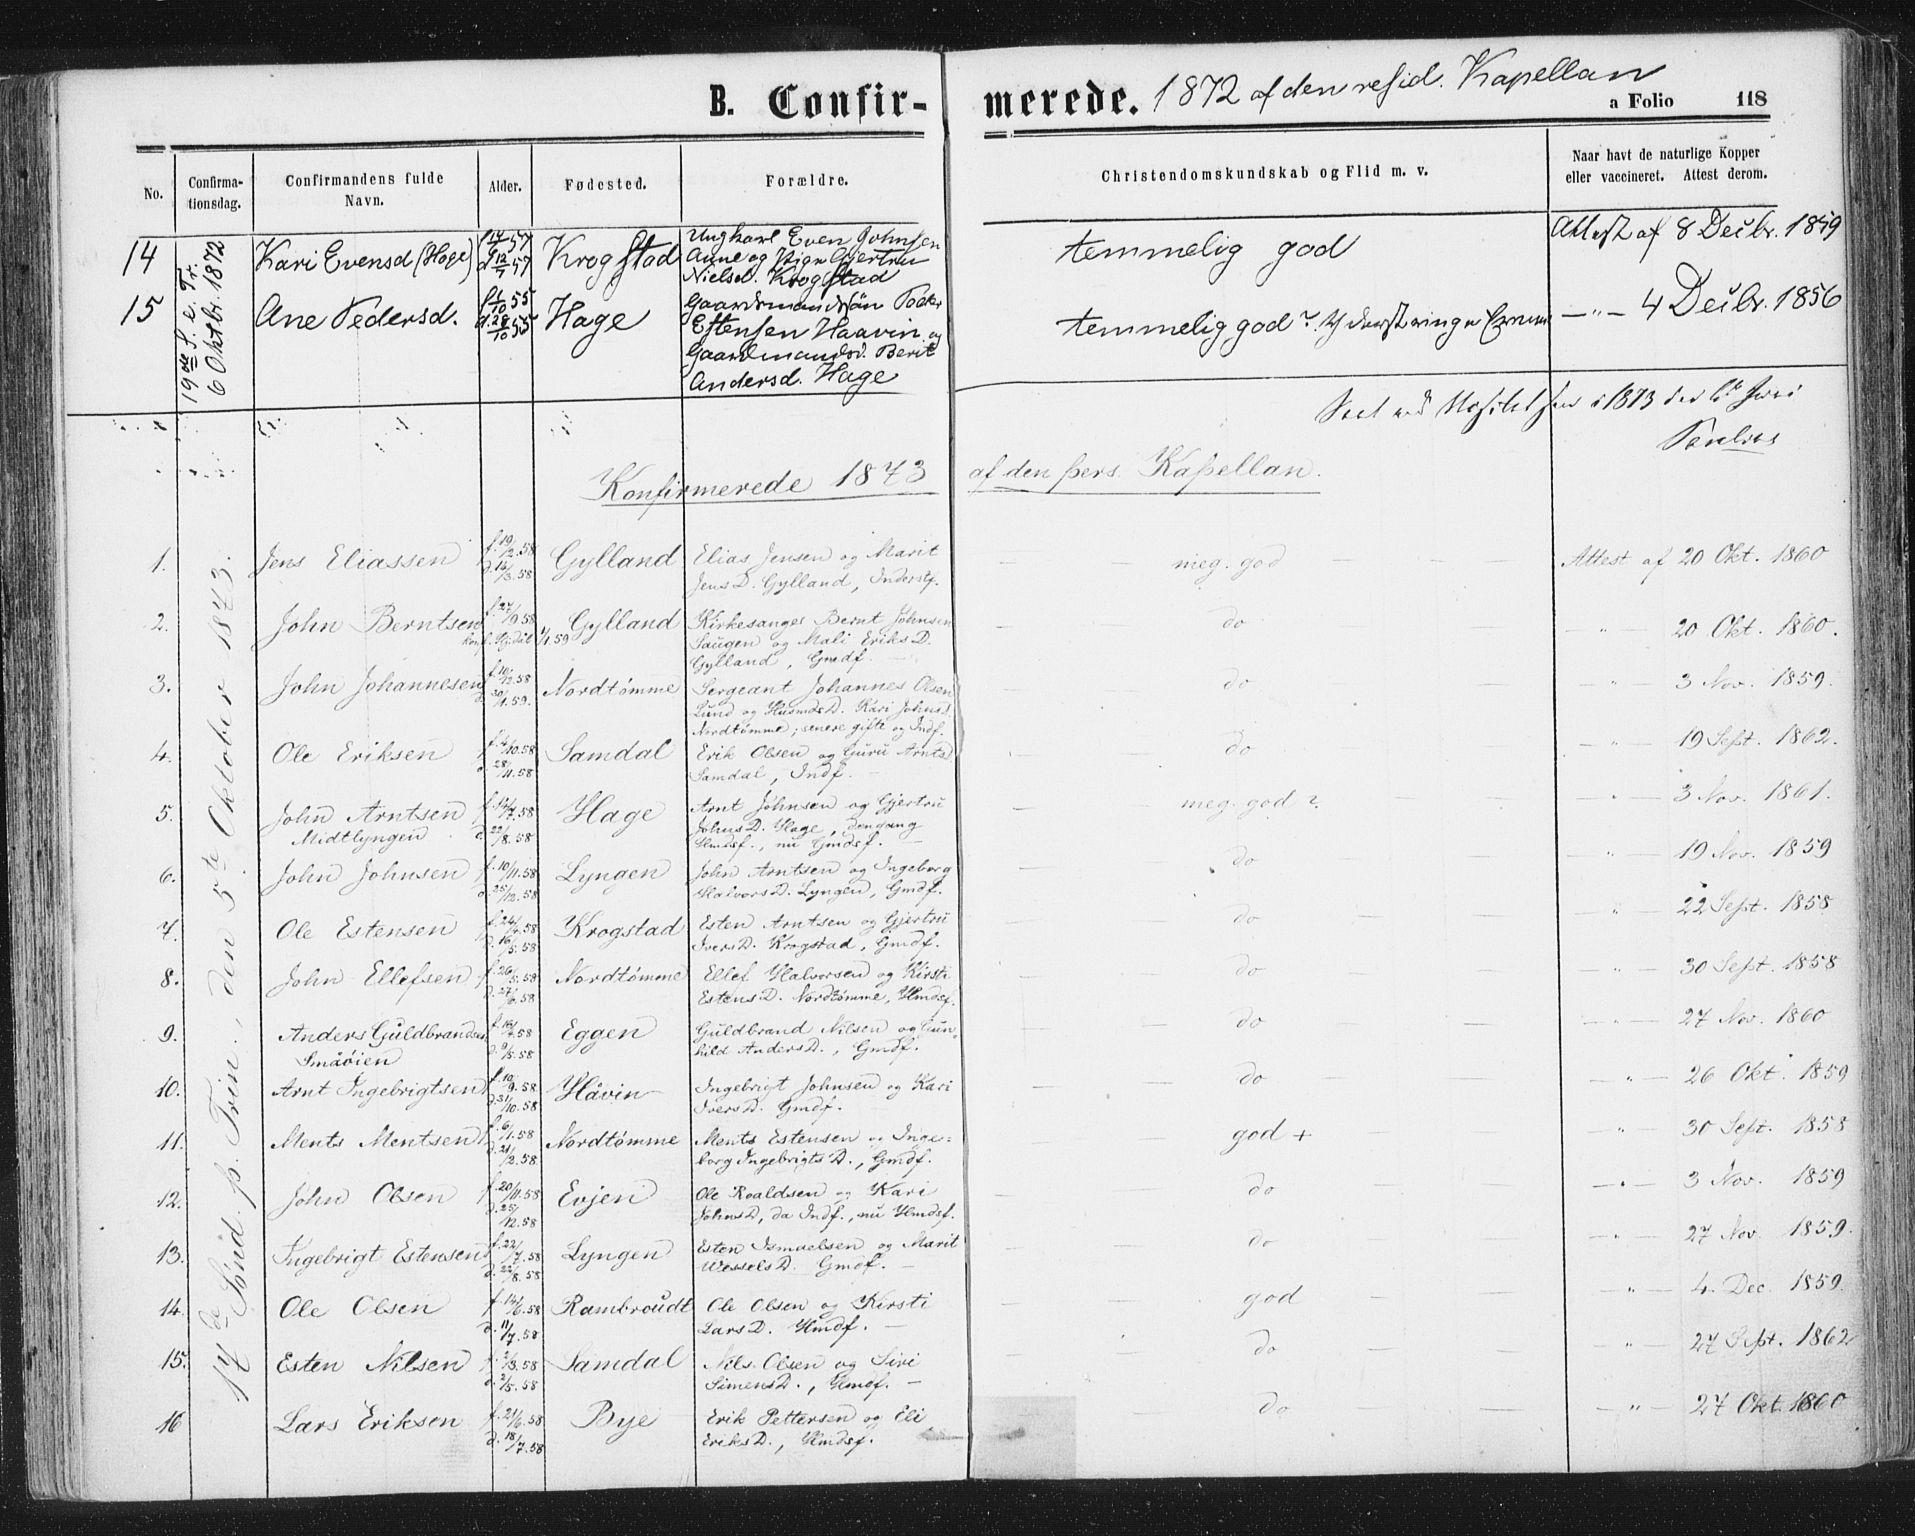 SAT, Ministerialprotokoller, klokkerbøker og fødselsregistre - Sør-Trøndelag, 692/L1104: Ministerialbok nr. 692A04, 1862-1878, s. 118